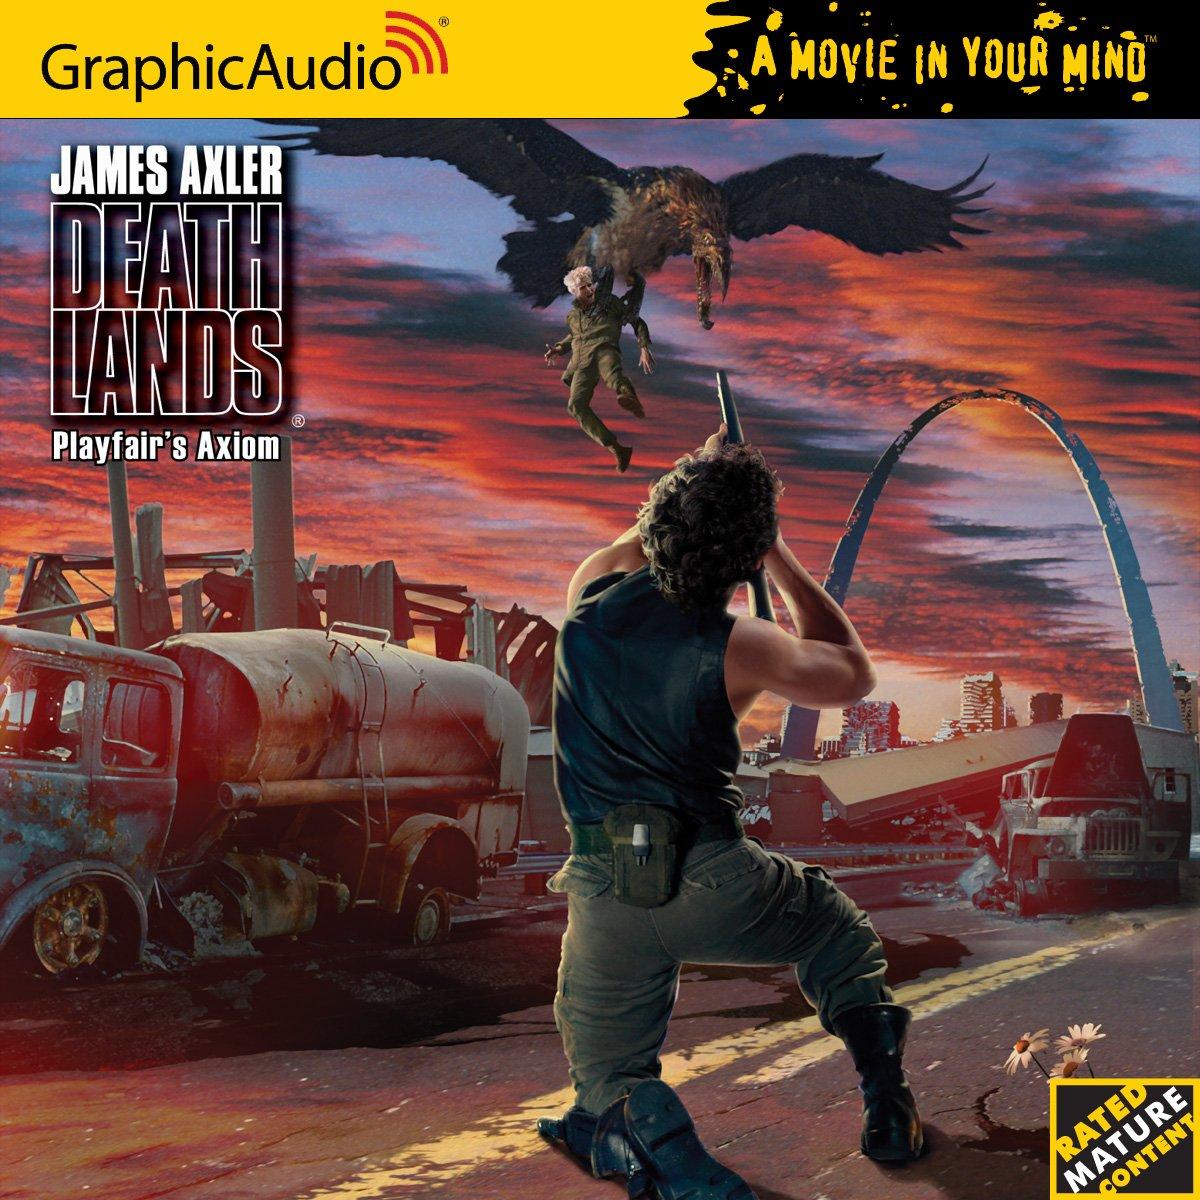 Deathlands 97 - Playfair's Axiom